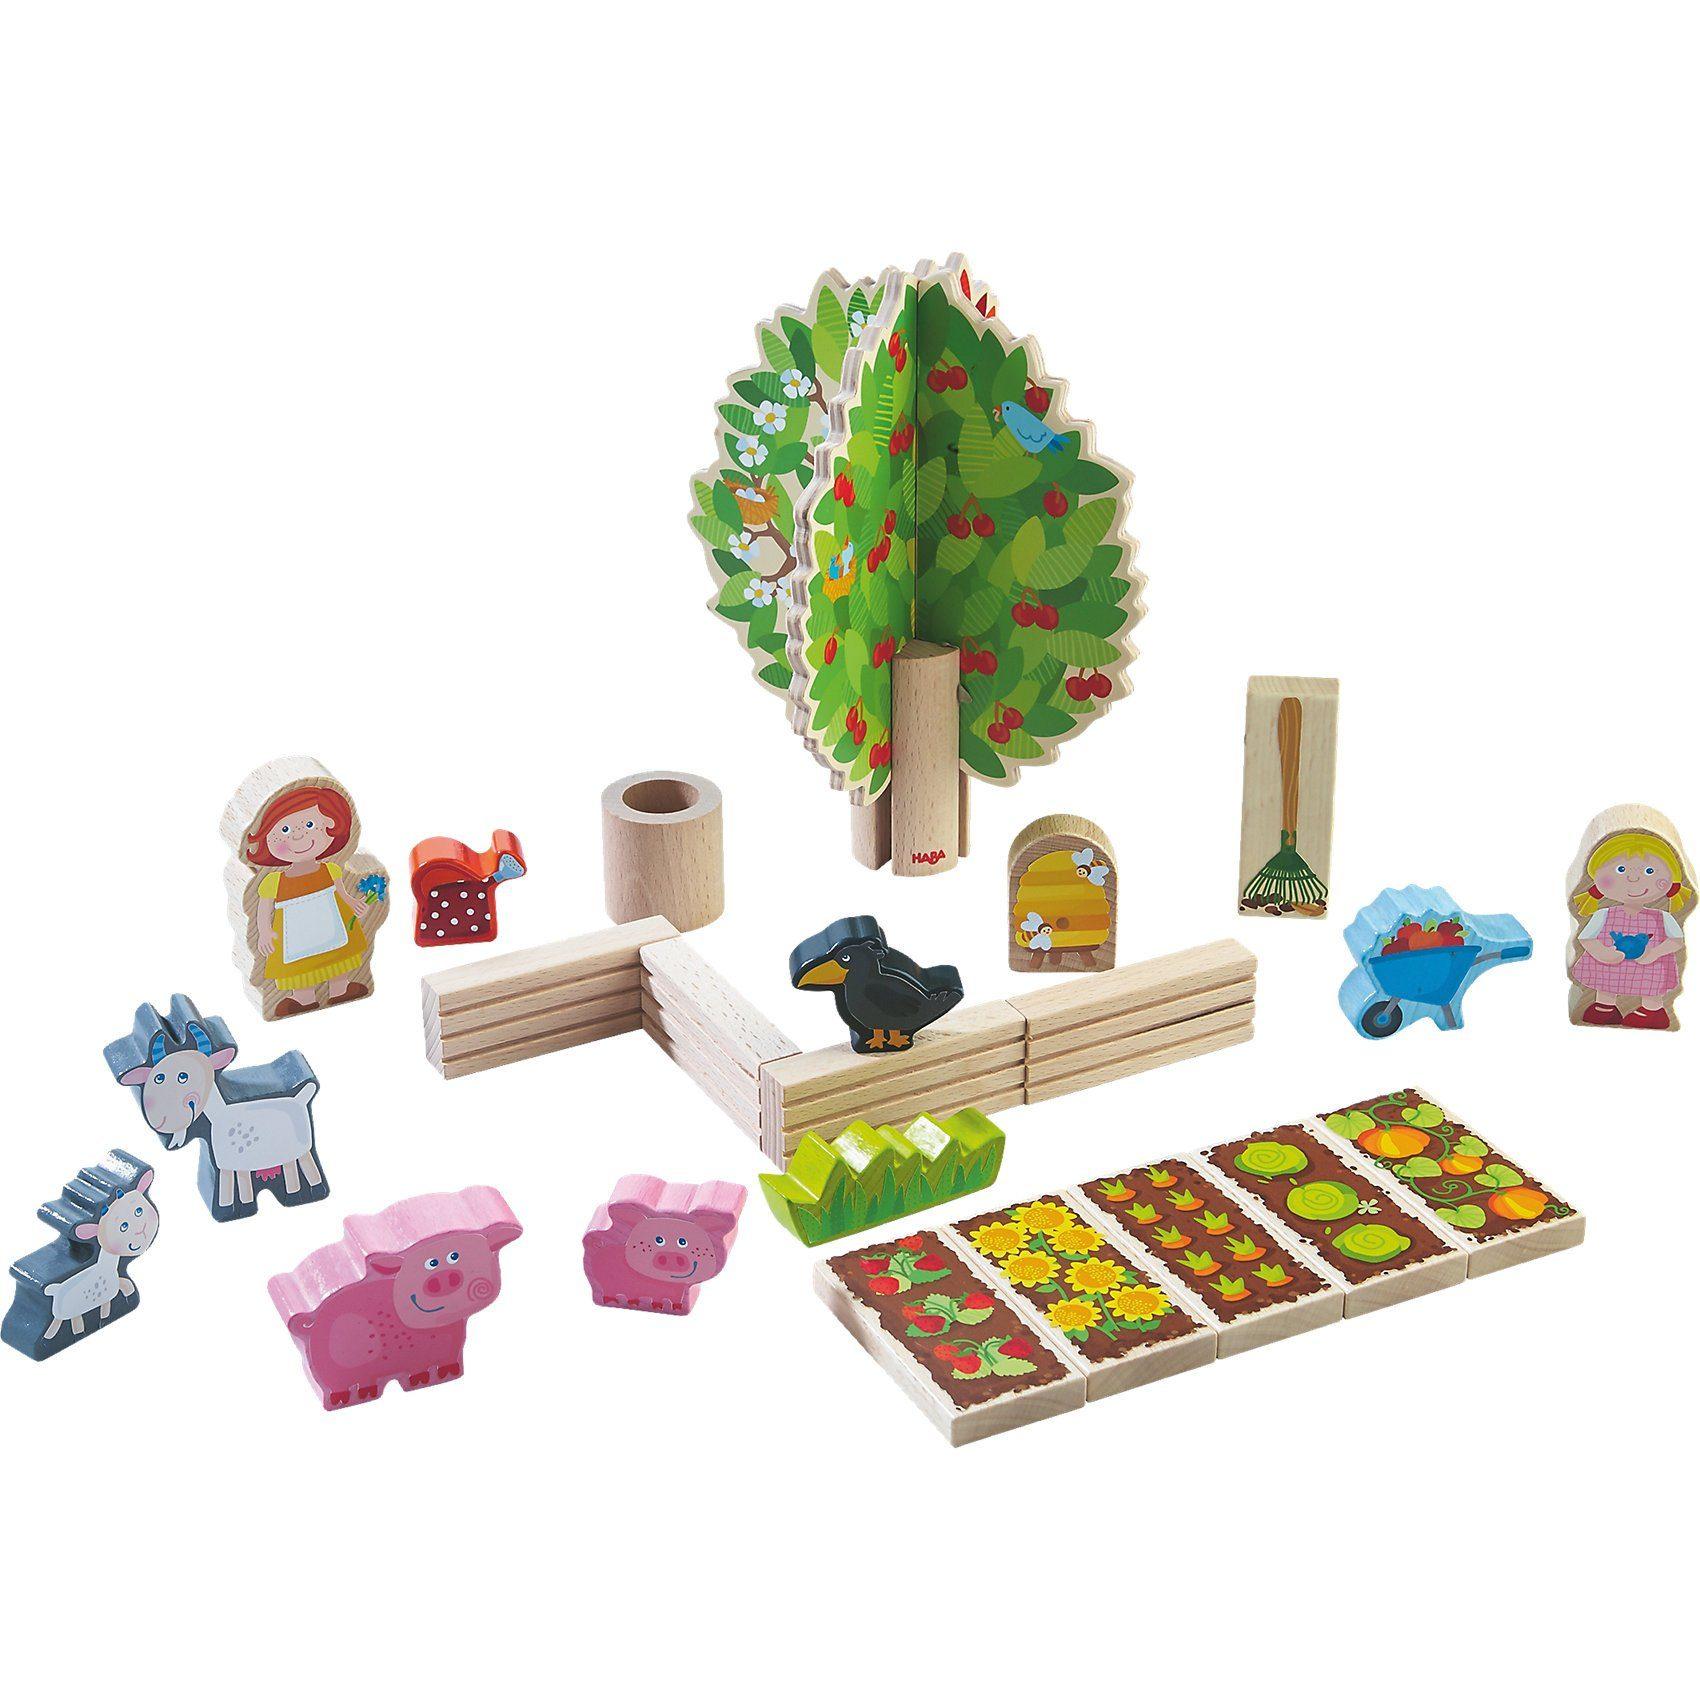 Haba Spielwelt Pias Bauerngarten